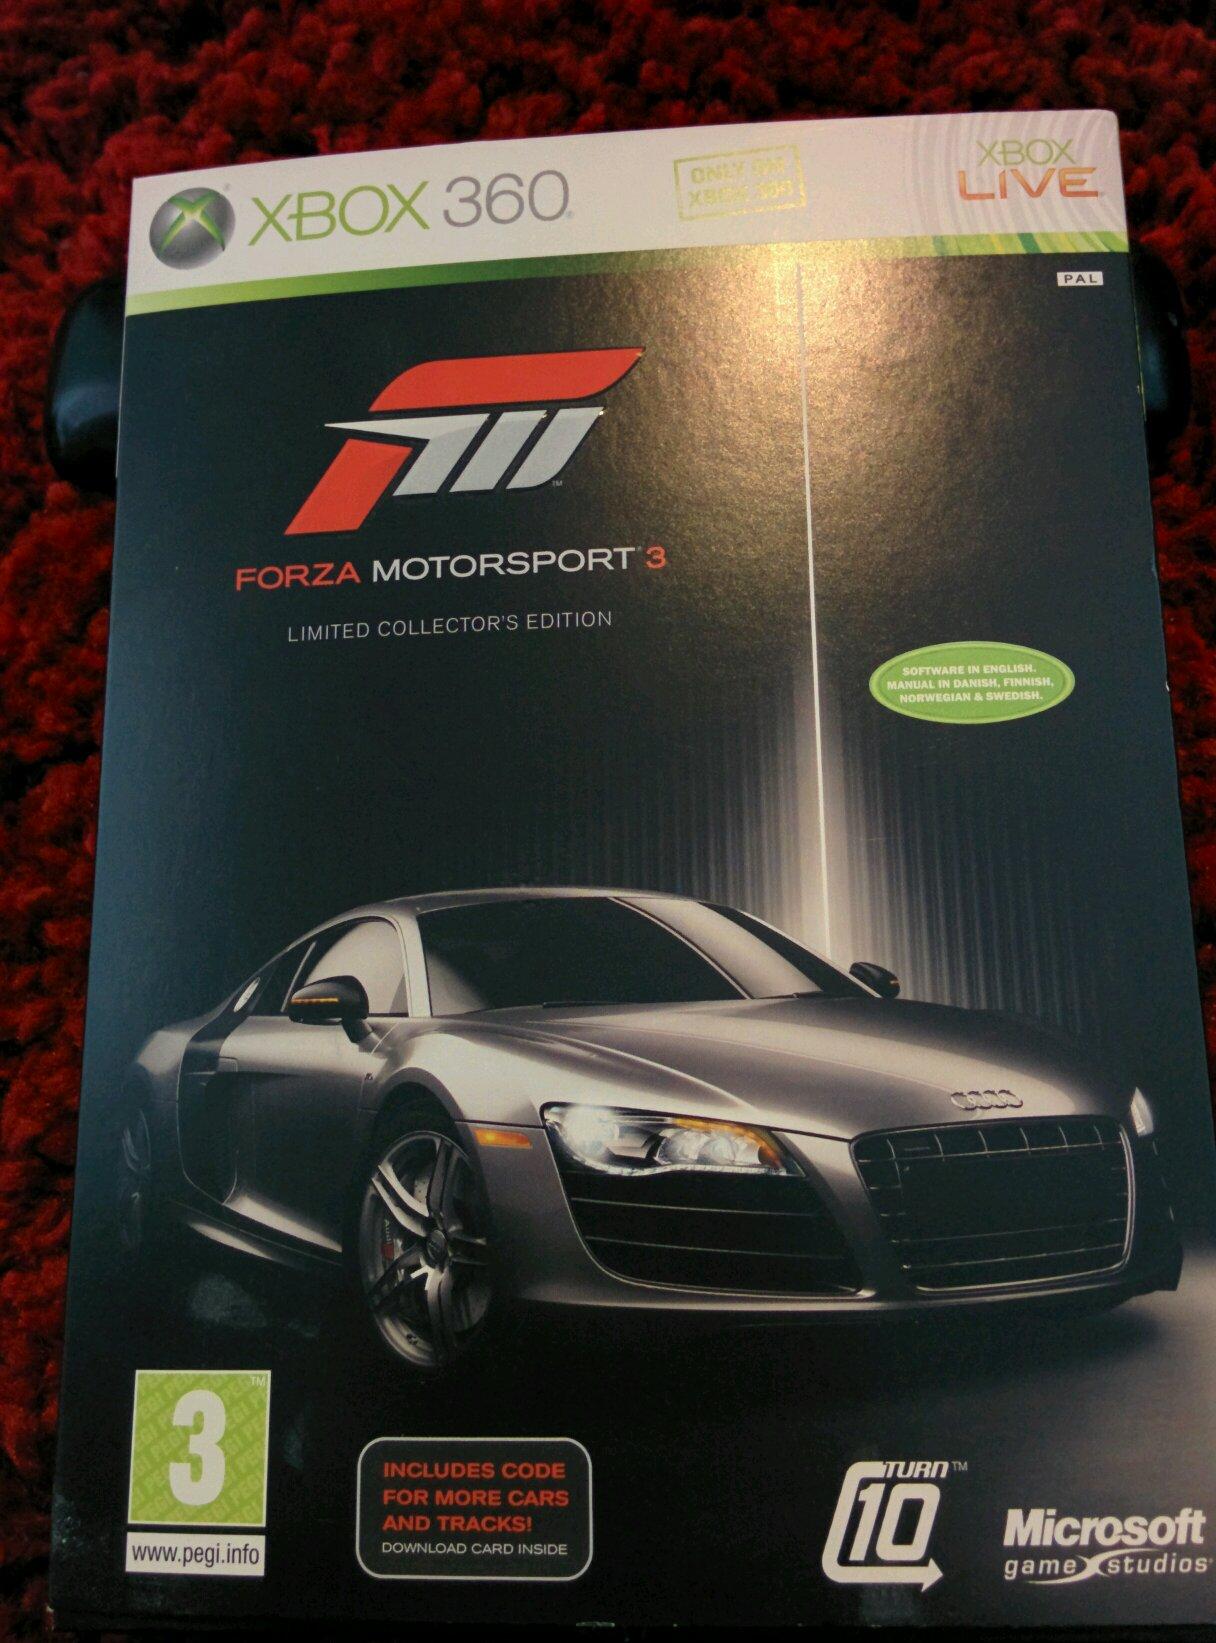 Forza Motorsport 3 Collectors Edition!